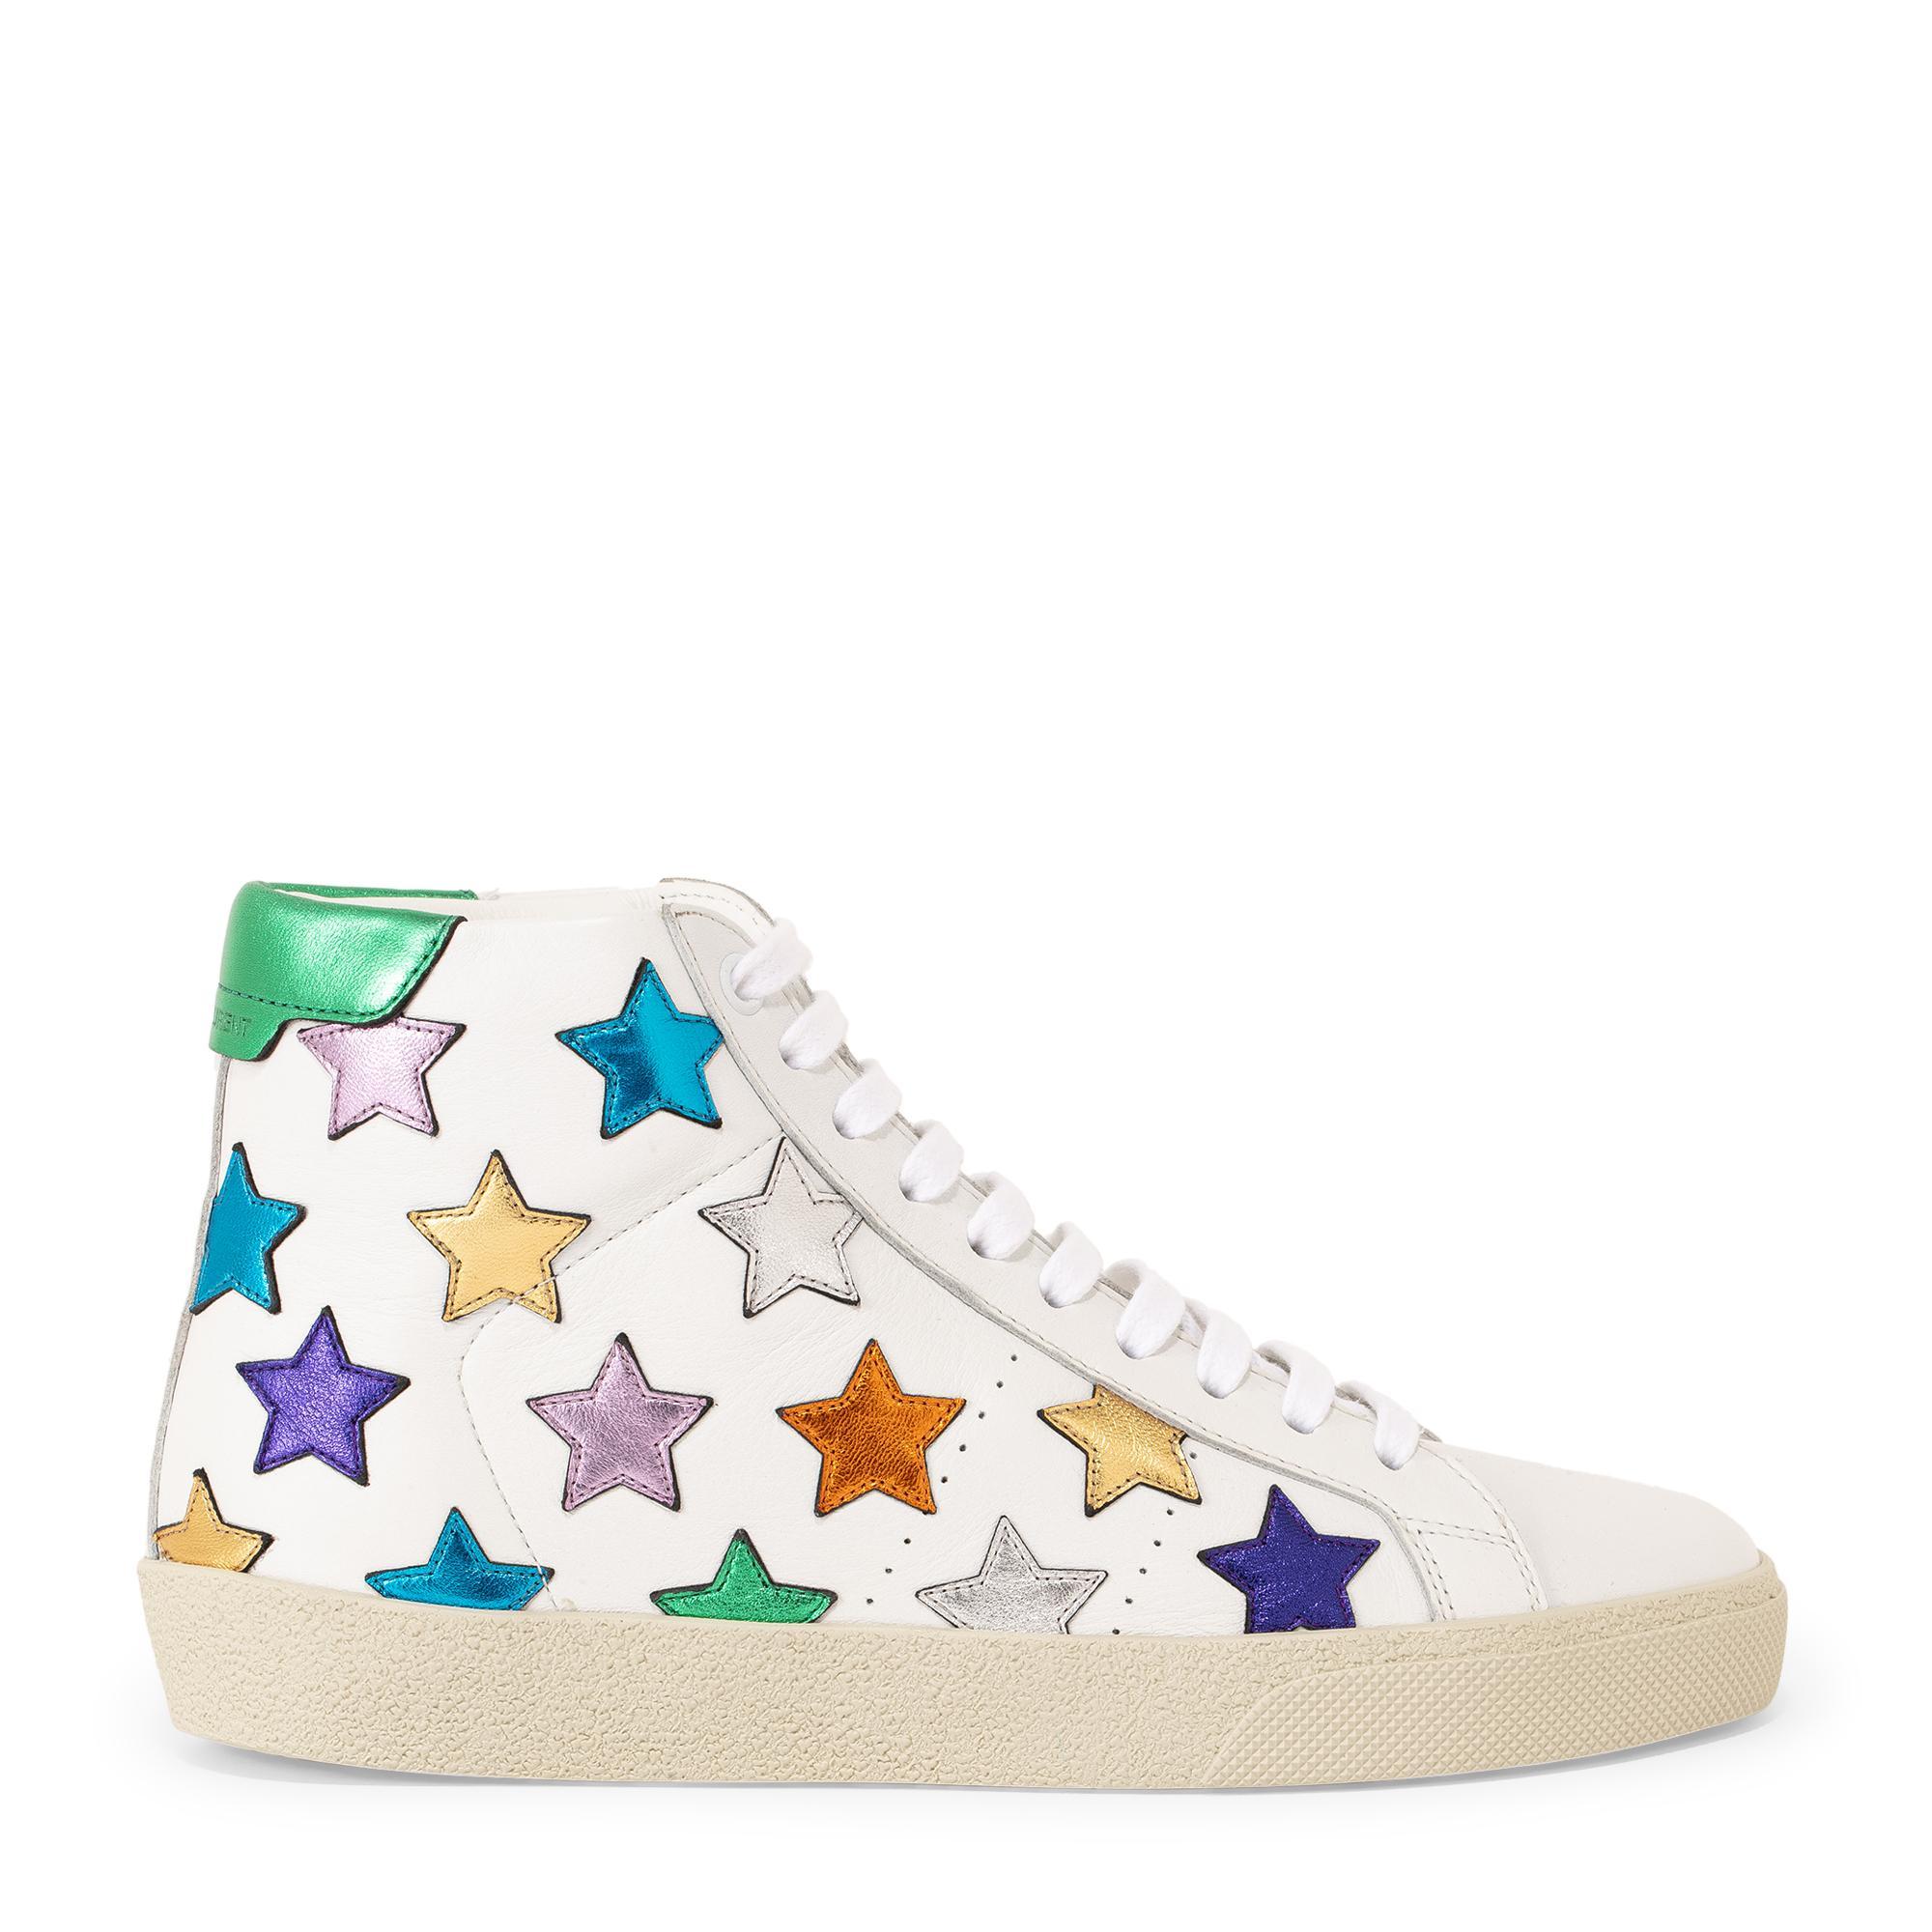 SL/06 sneakers